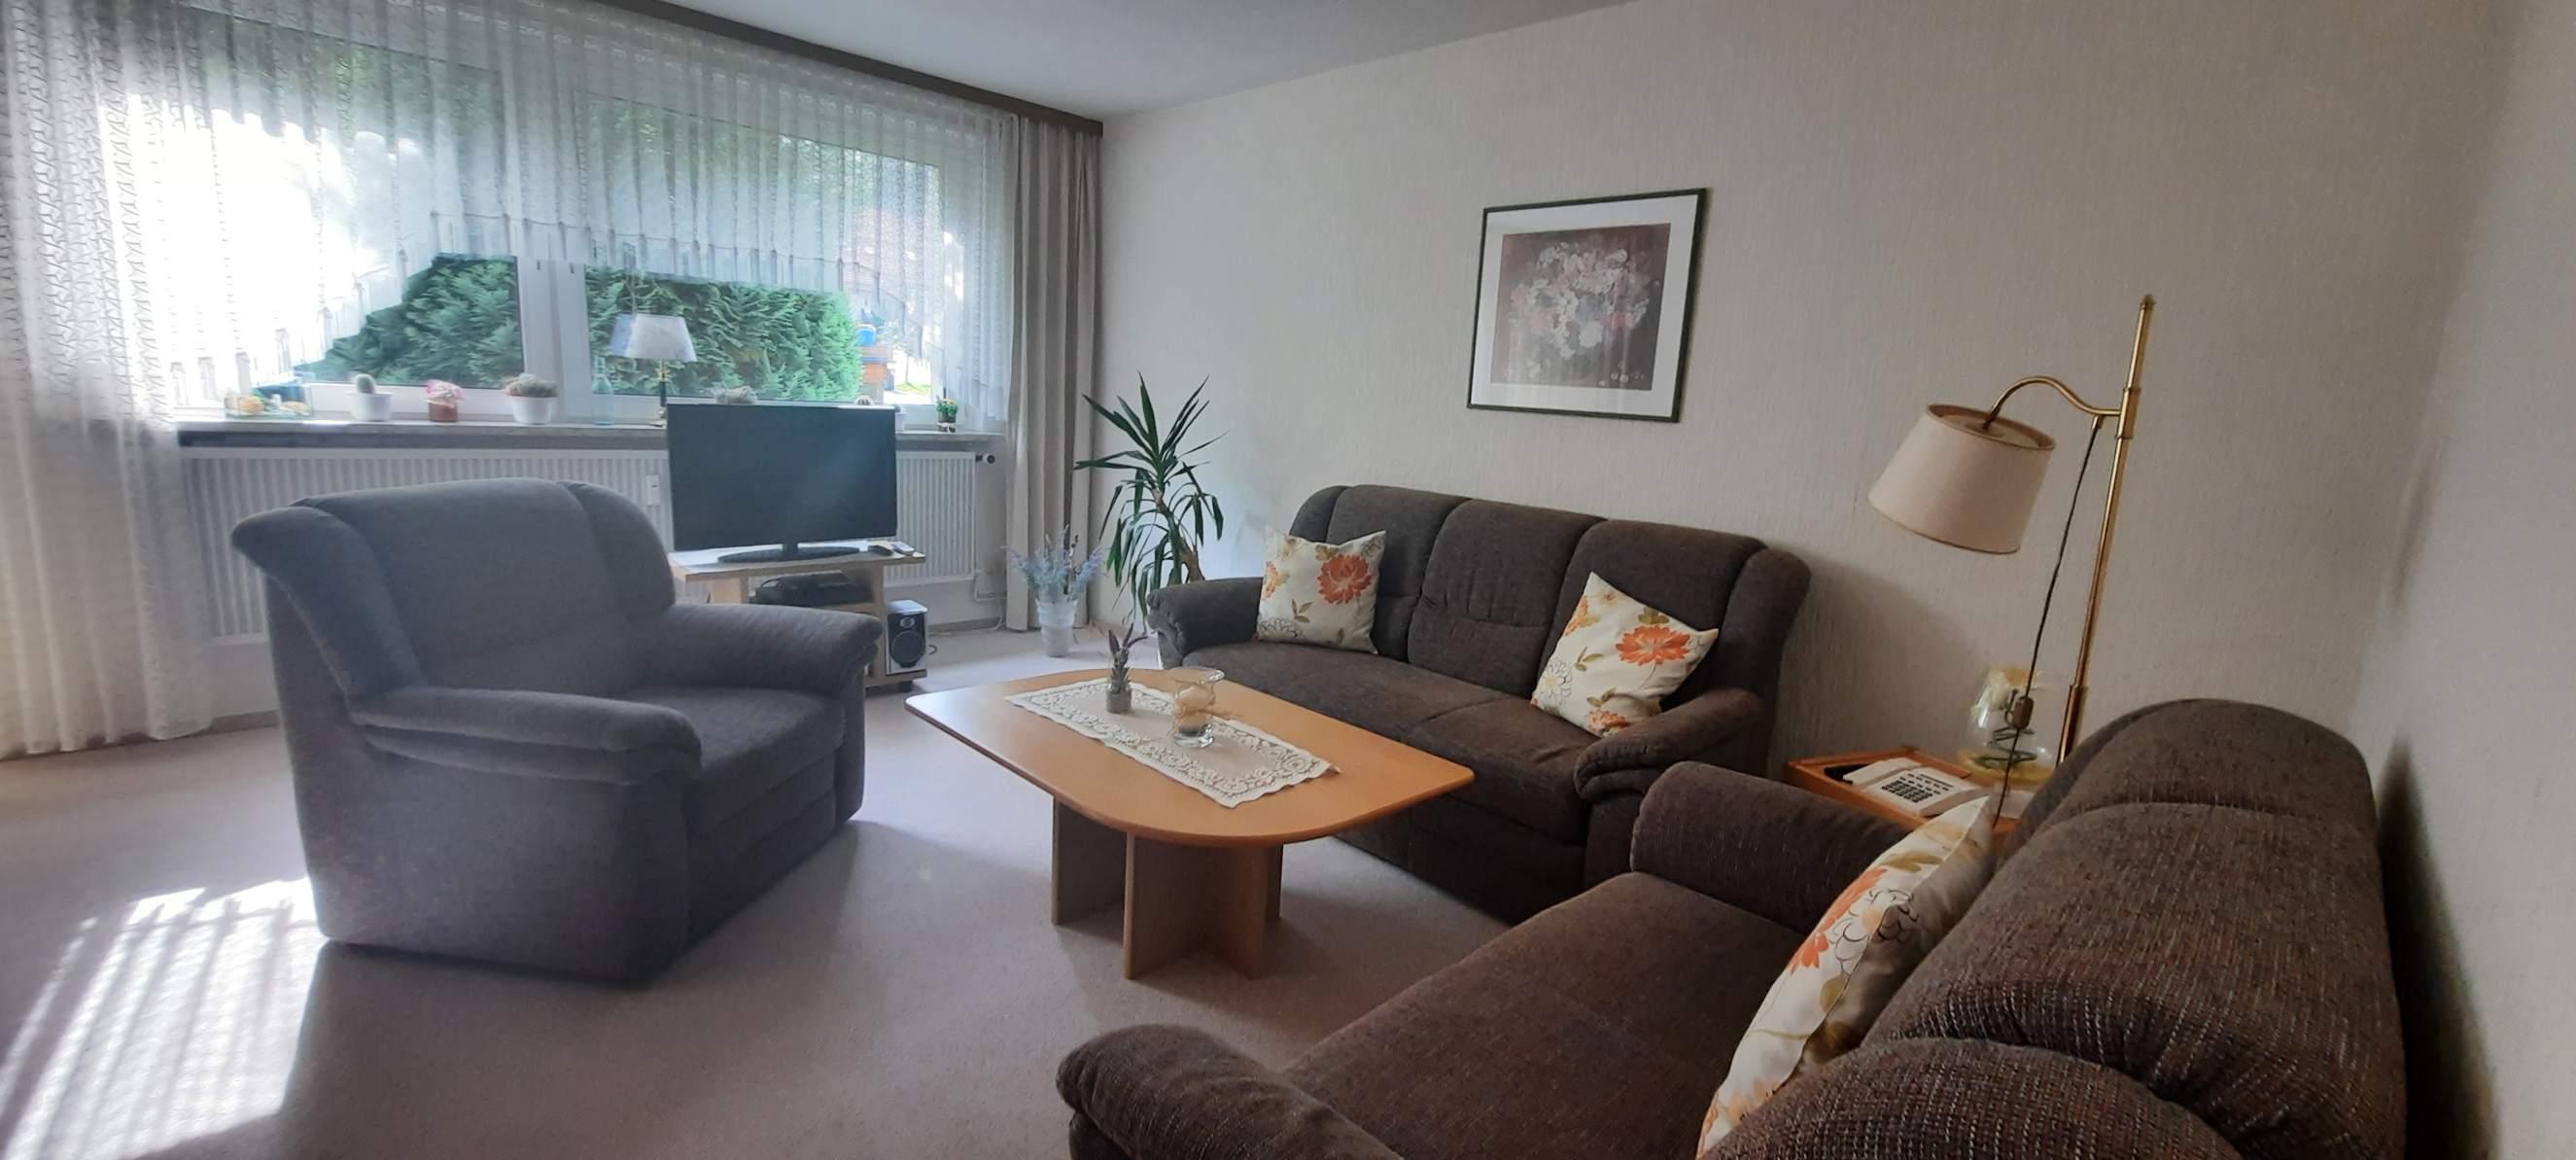 Ferienwohnungen am Birkenweg - Wohnzimmer